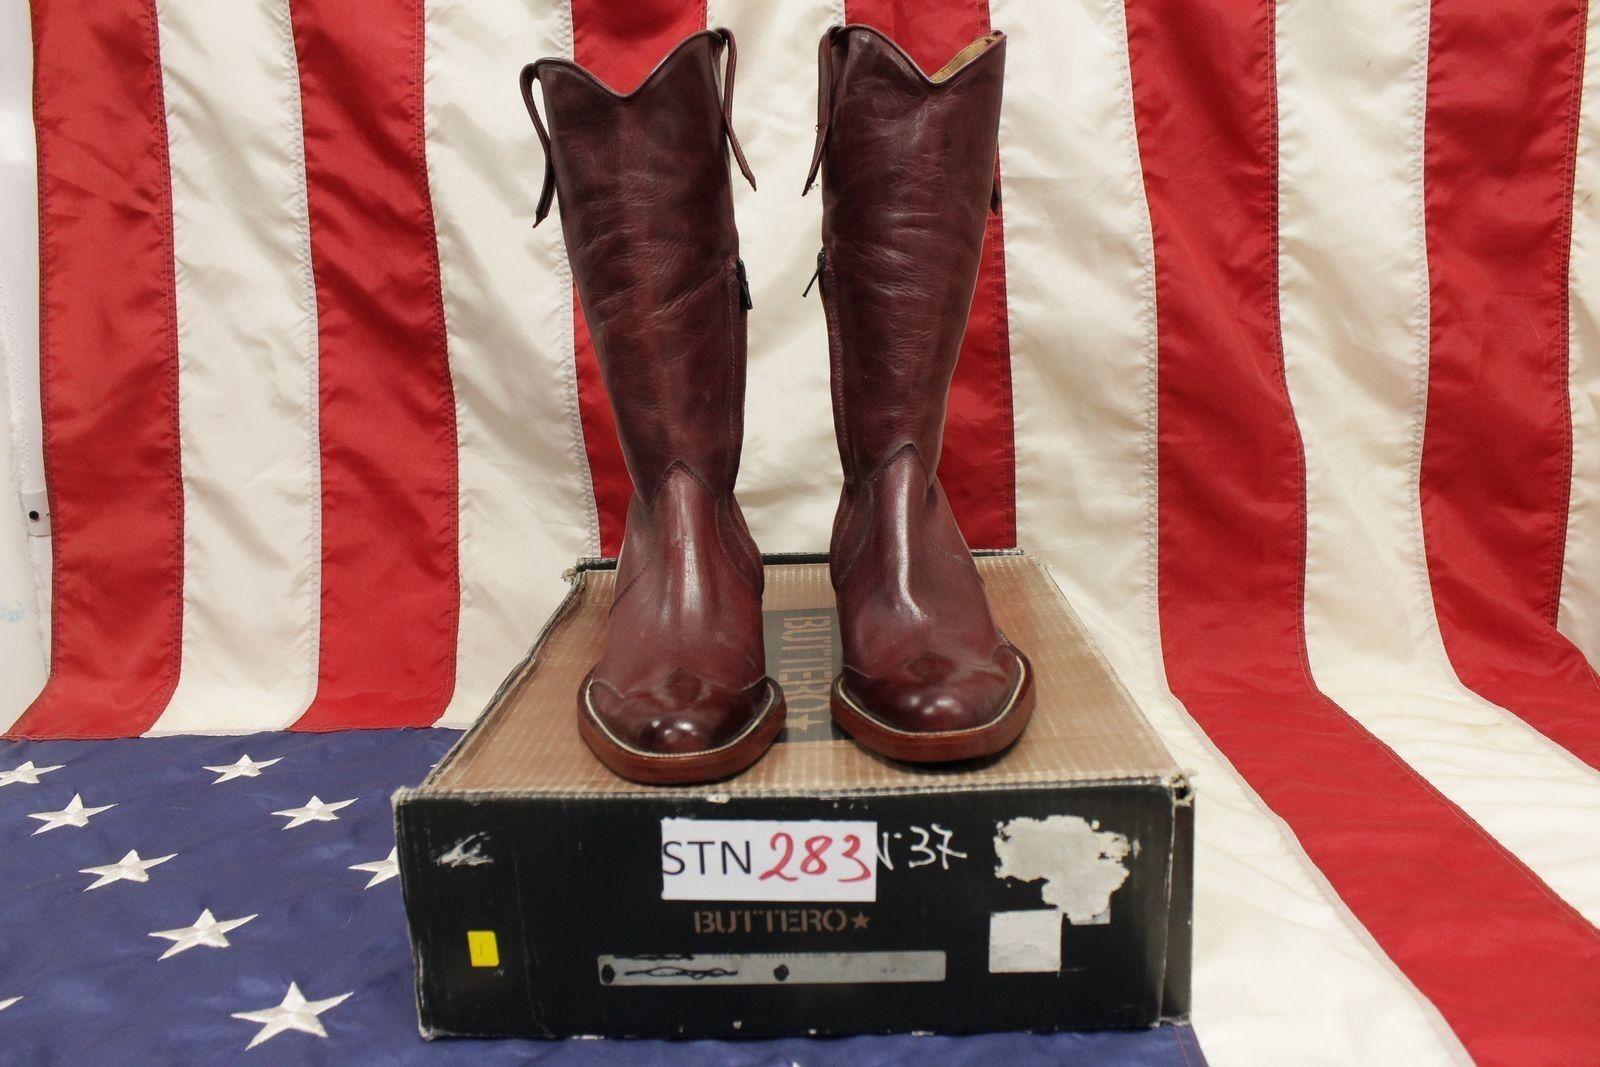 Stiefel Buttero N.37 (cod. STN283) STN283) STN283) Stiefel Western Country Cowboy neu 06074a